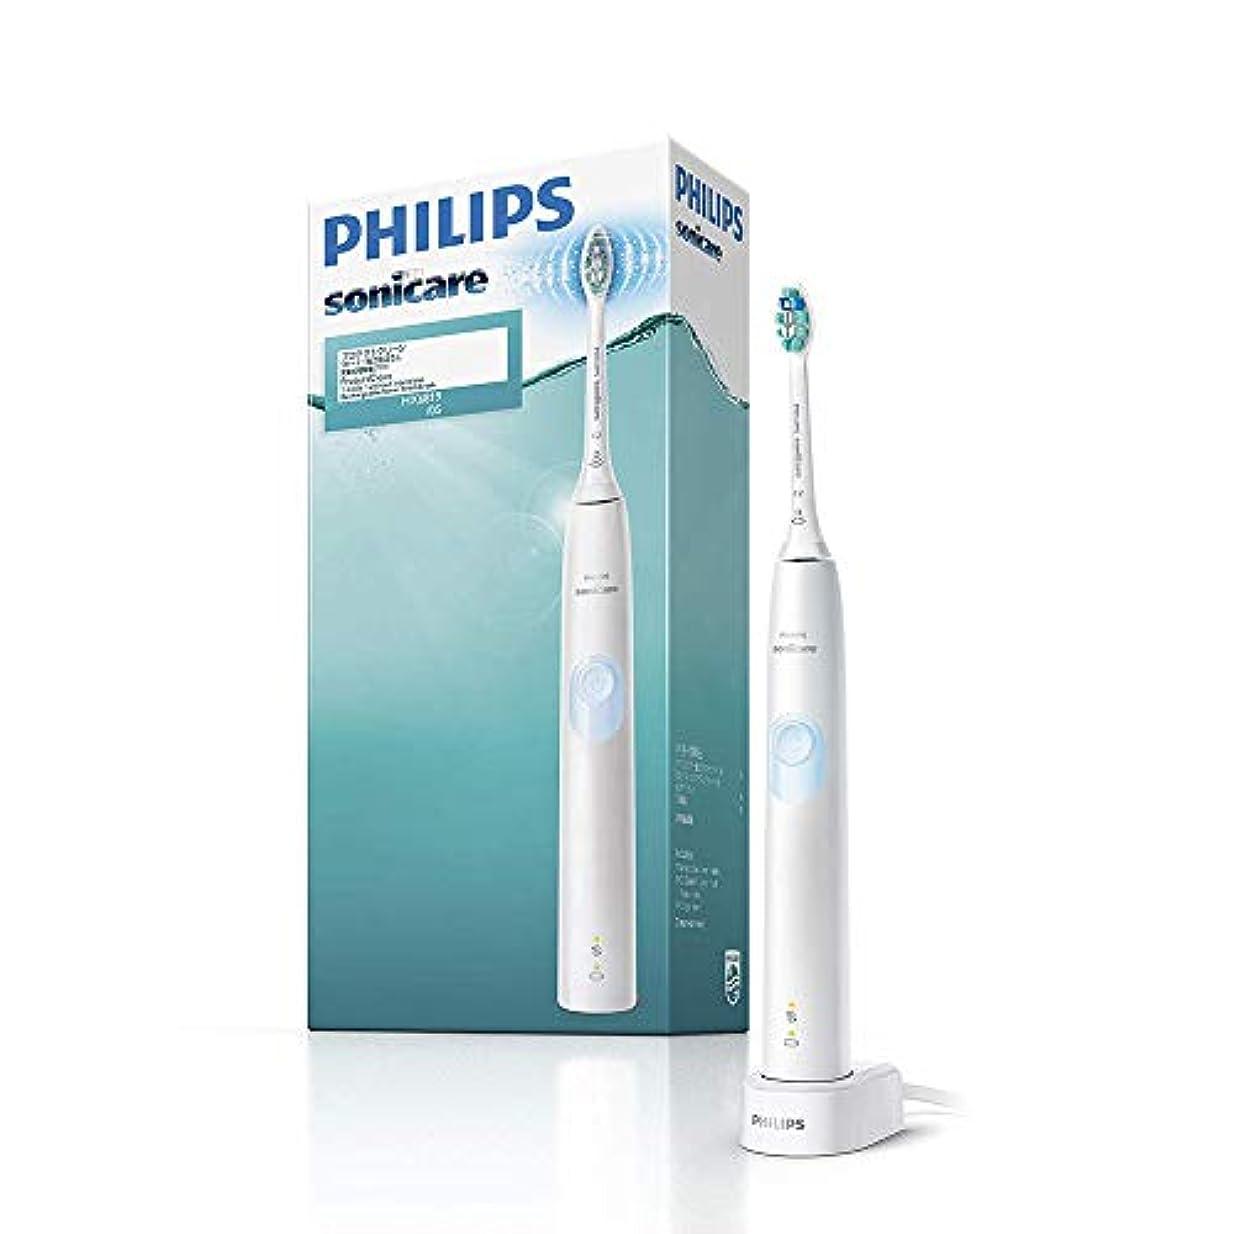 月最も遠い否認する【Amazon.co.jp限定】フィリップス ソニッケアー プロテクトクリーン ホワイトライトブルー 電動歯ブラシ 強さ設定なし HX6819/05